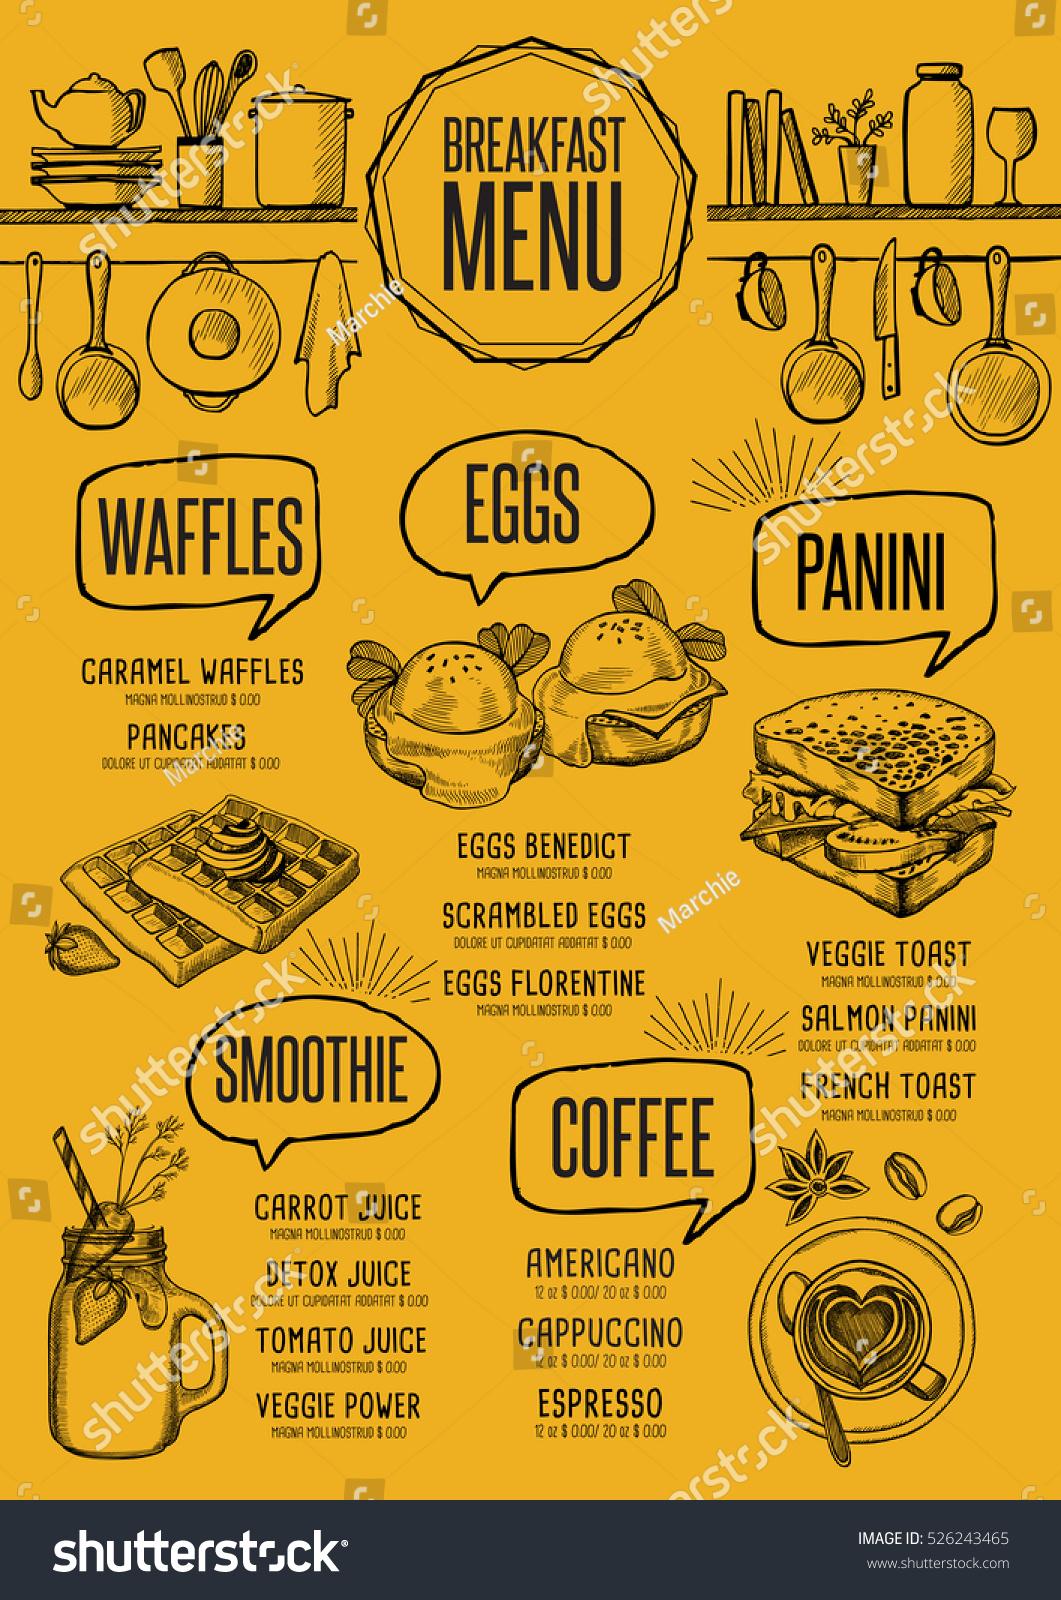 Breakfast Menu Placemat Food Restaurant Brochure Stock Vector